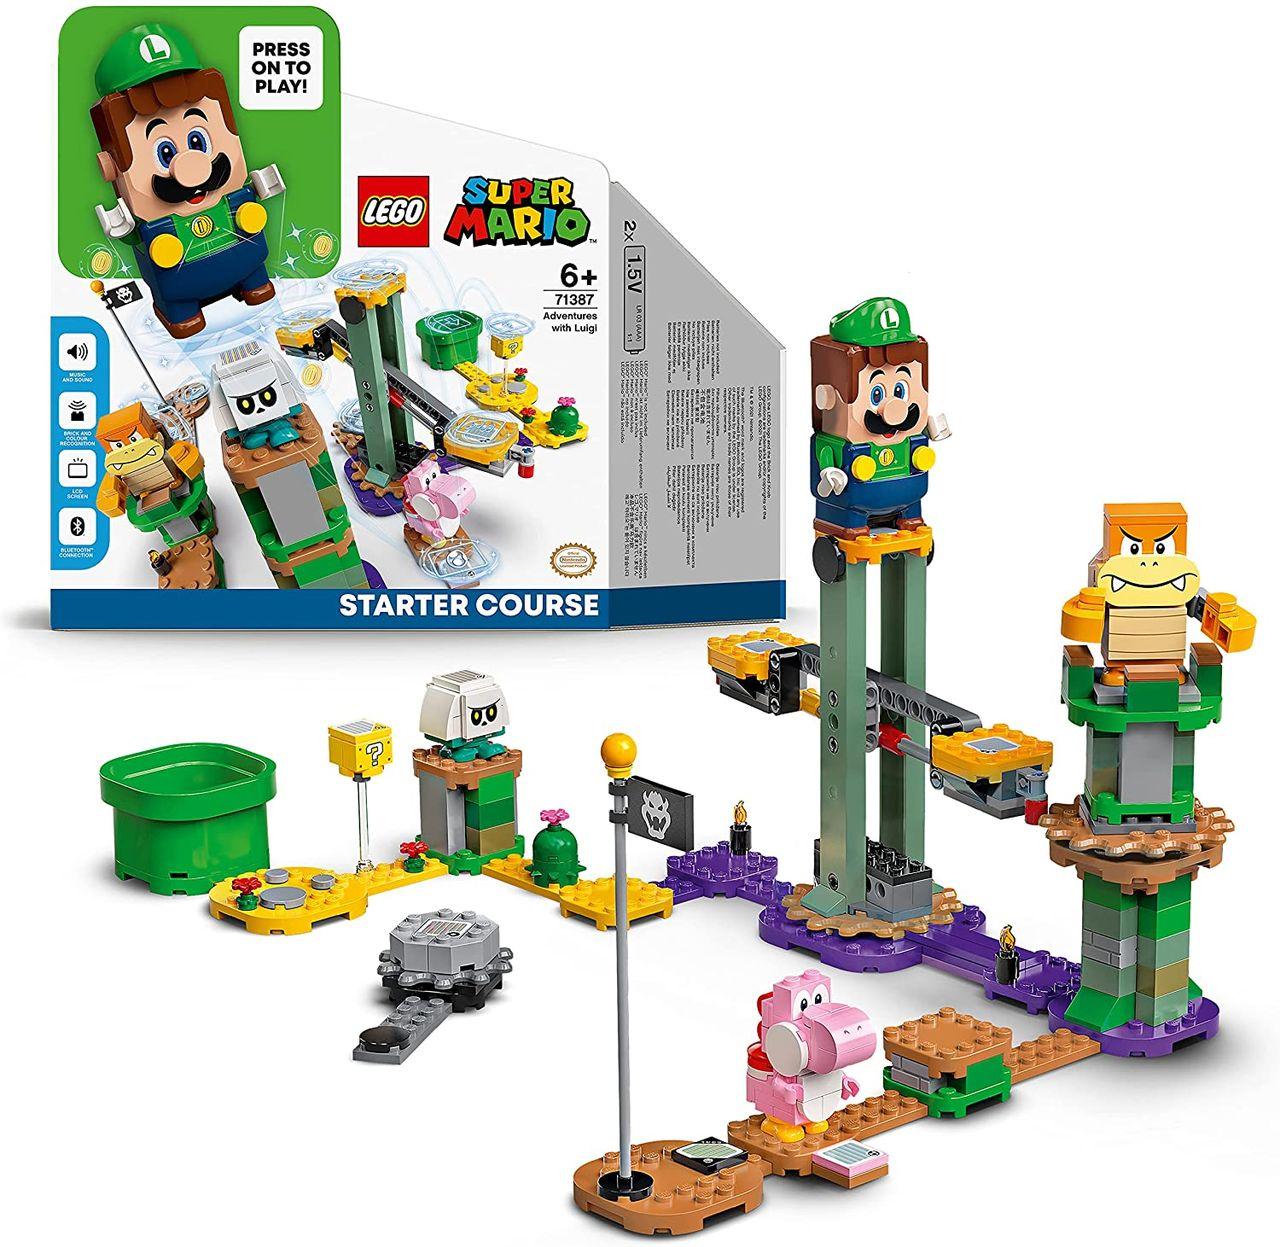 LEGO-Luigi kommer till LEGO Äventyr med Mario